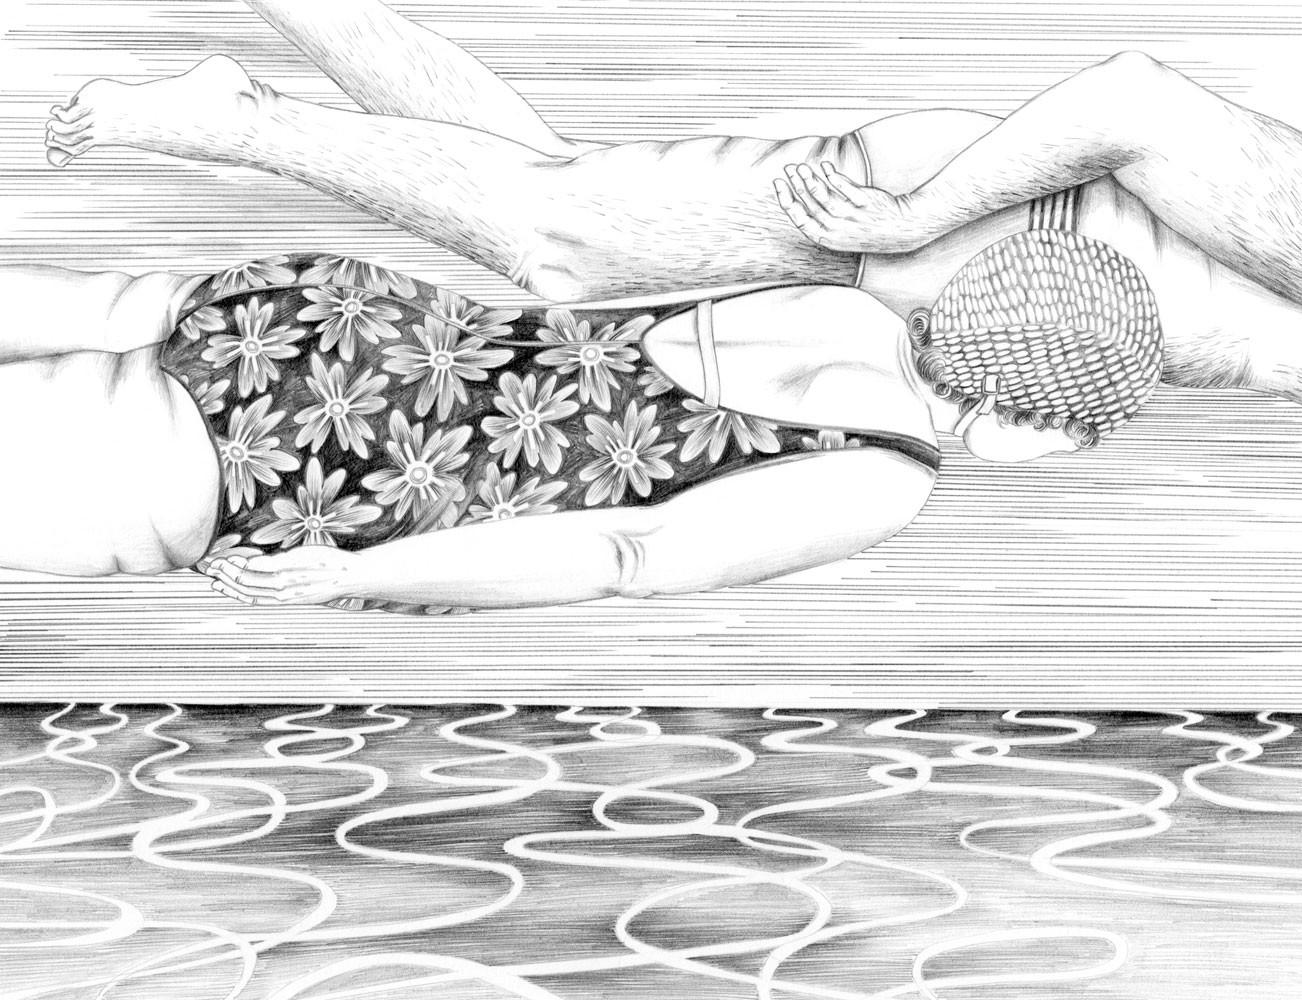 Anne_Mair_Diplom_7_Schwimmer.jpg